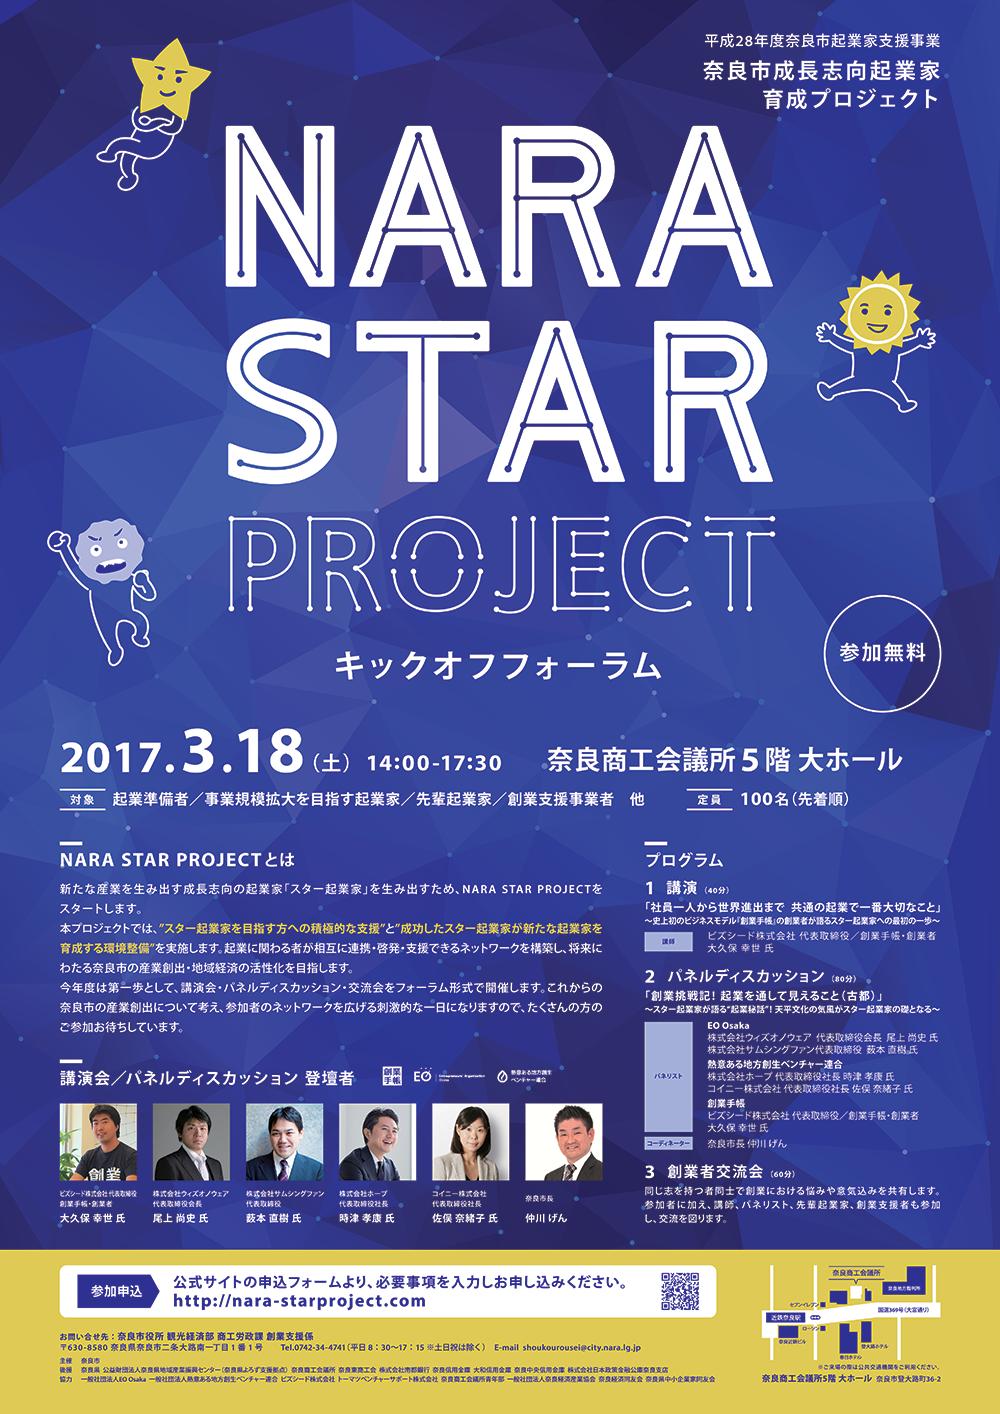 NARA_STAR_PROJECT_ポスター